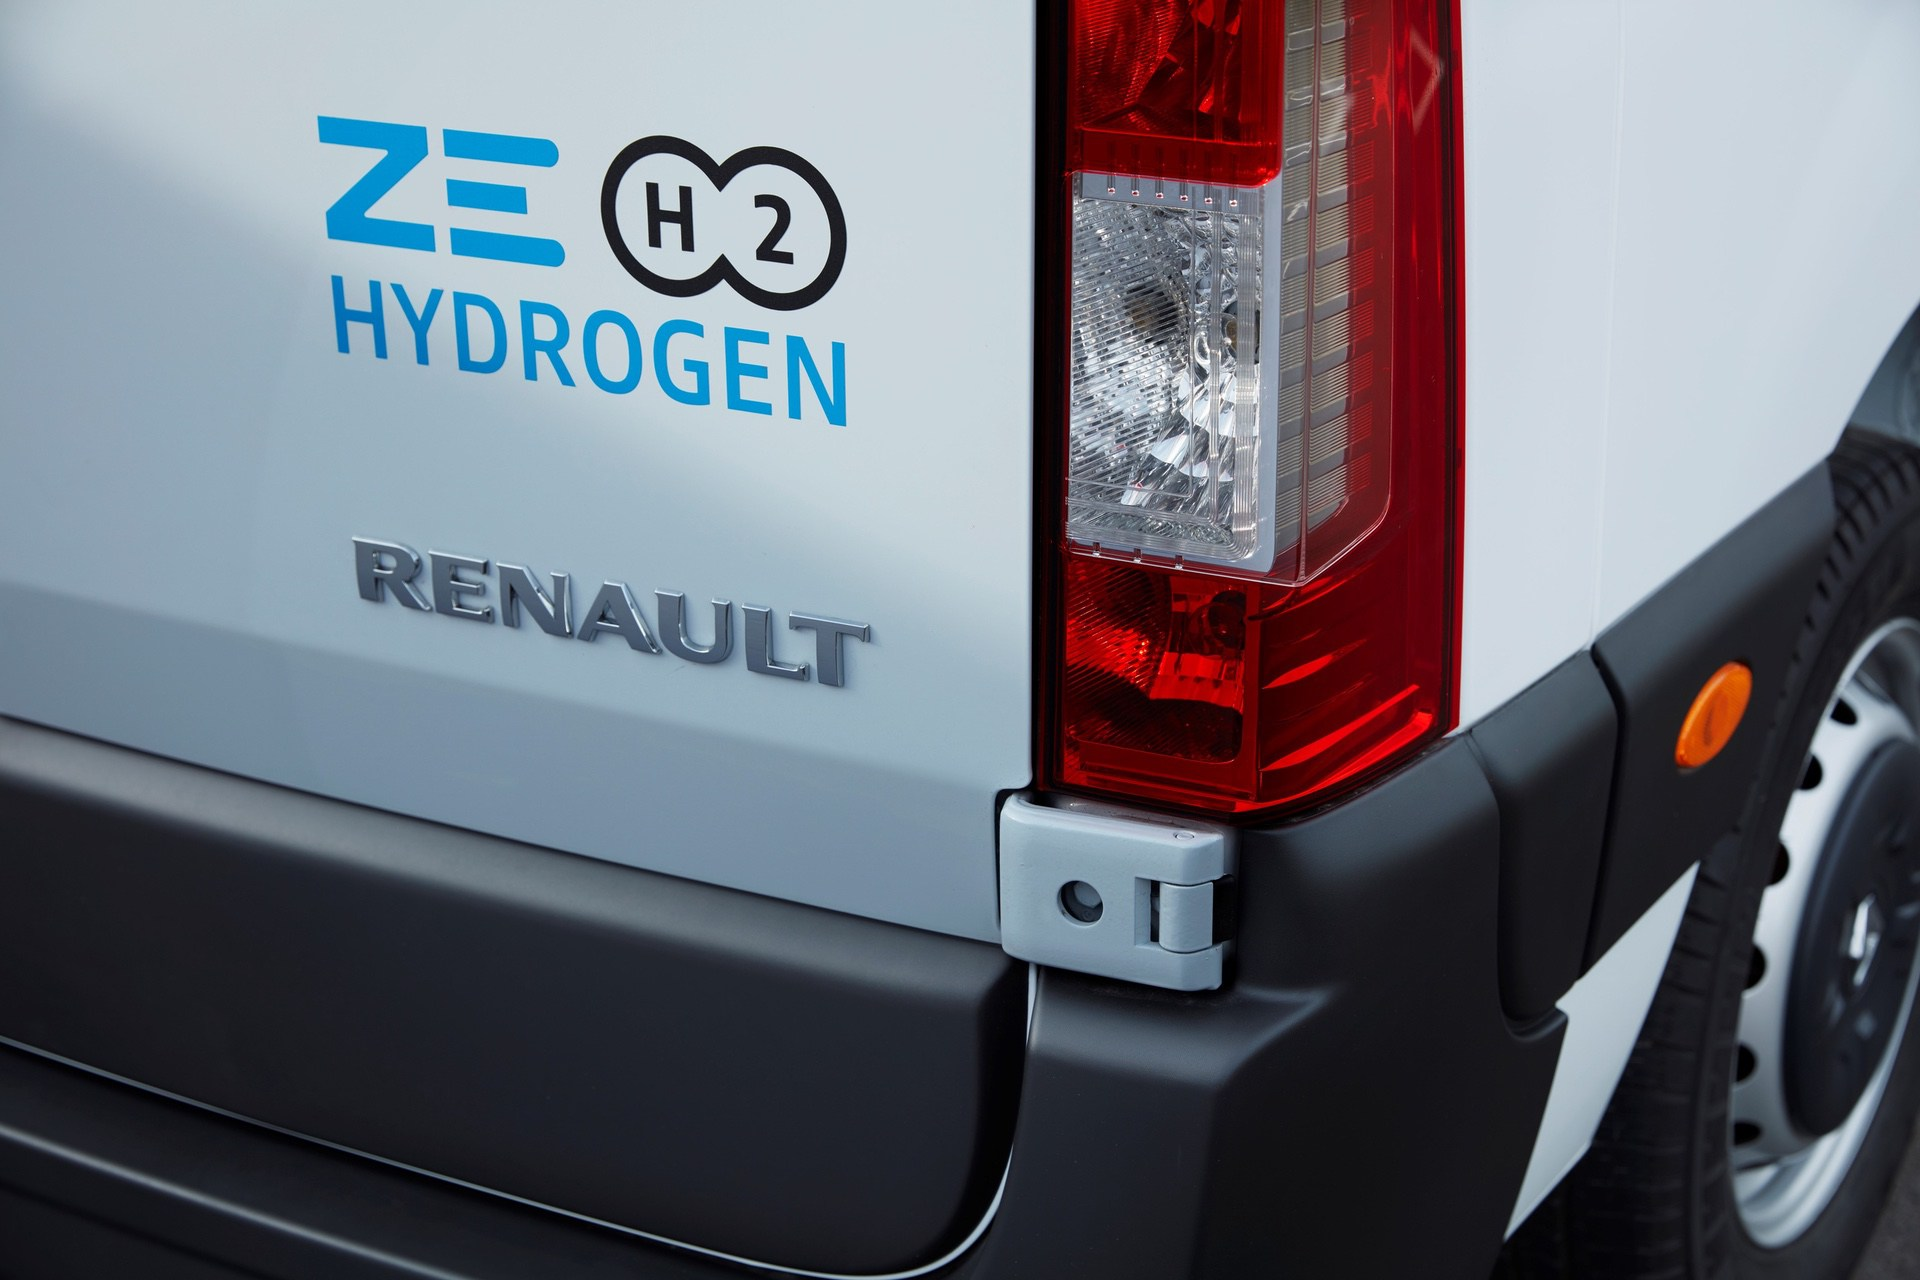 2019 - Véhicules Utilitaires Z.E. 33 H2 HYDROGEN